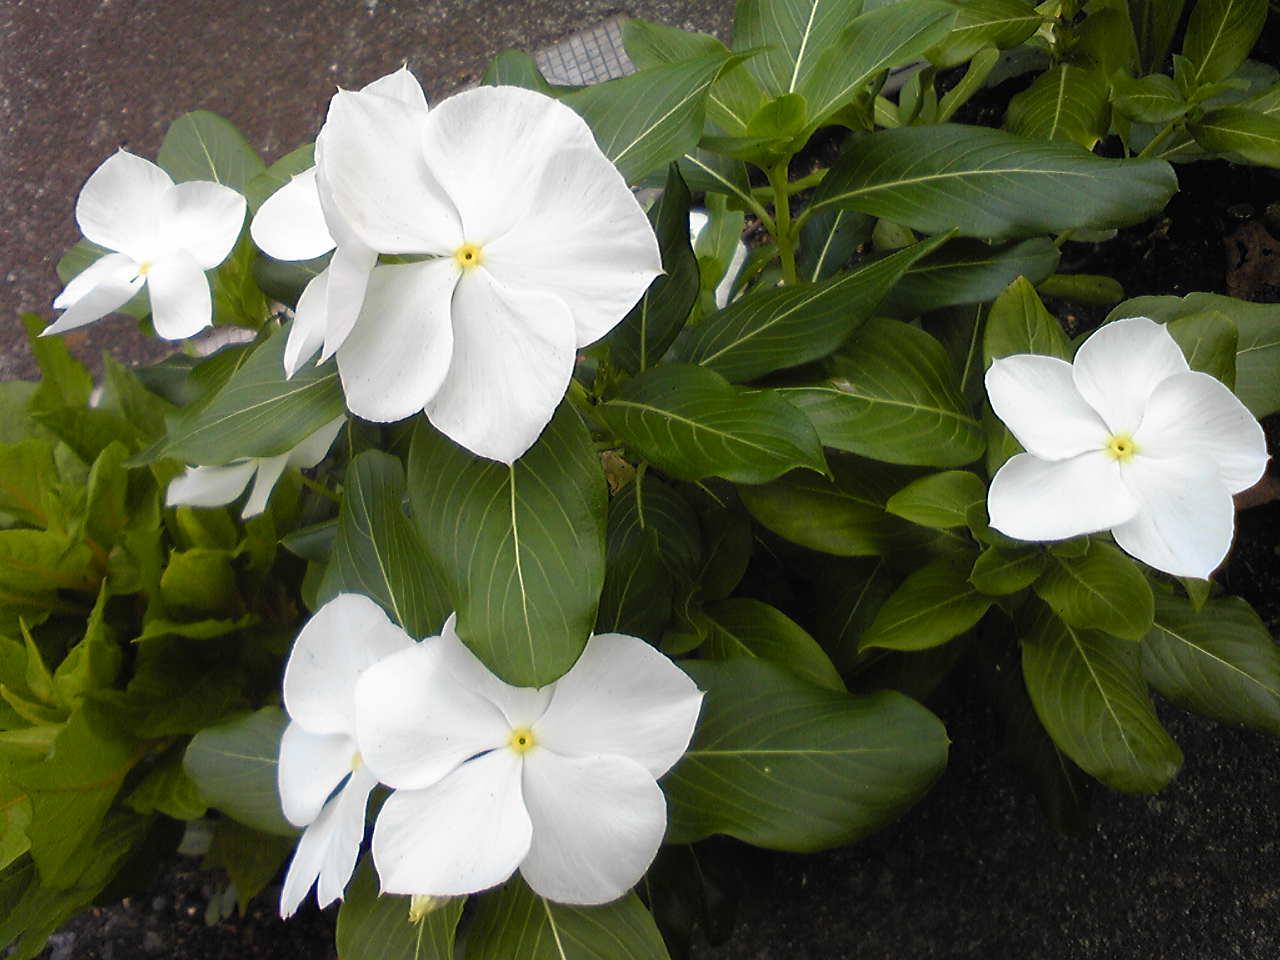 Pure white